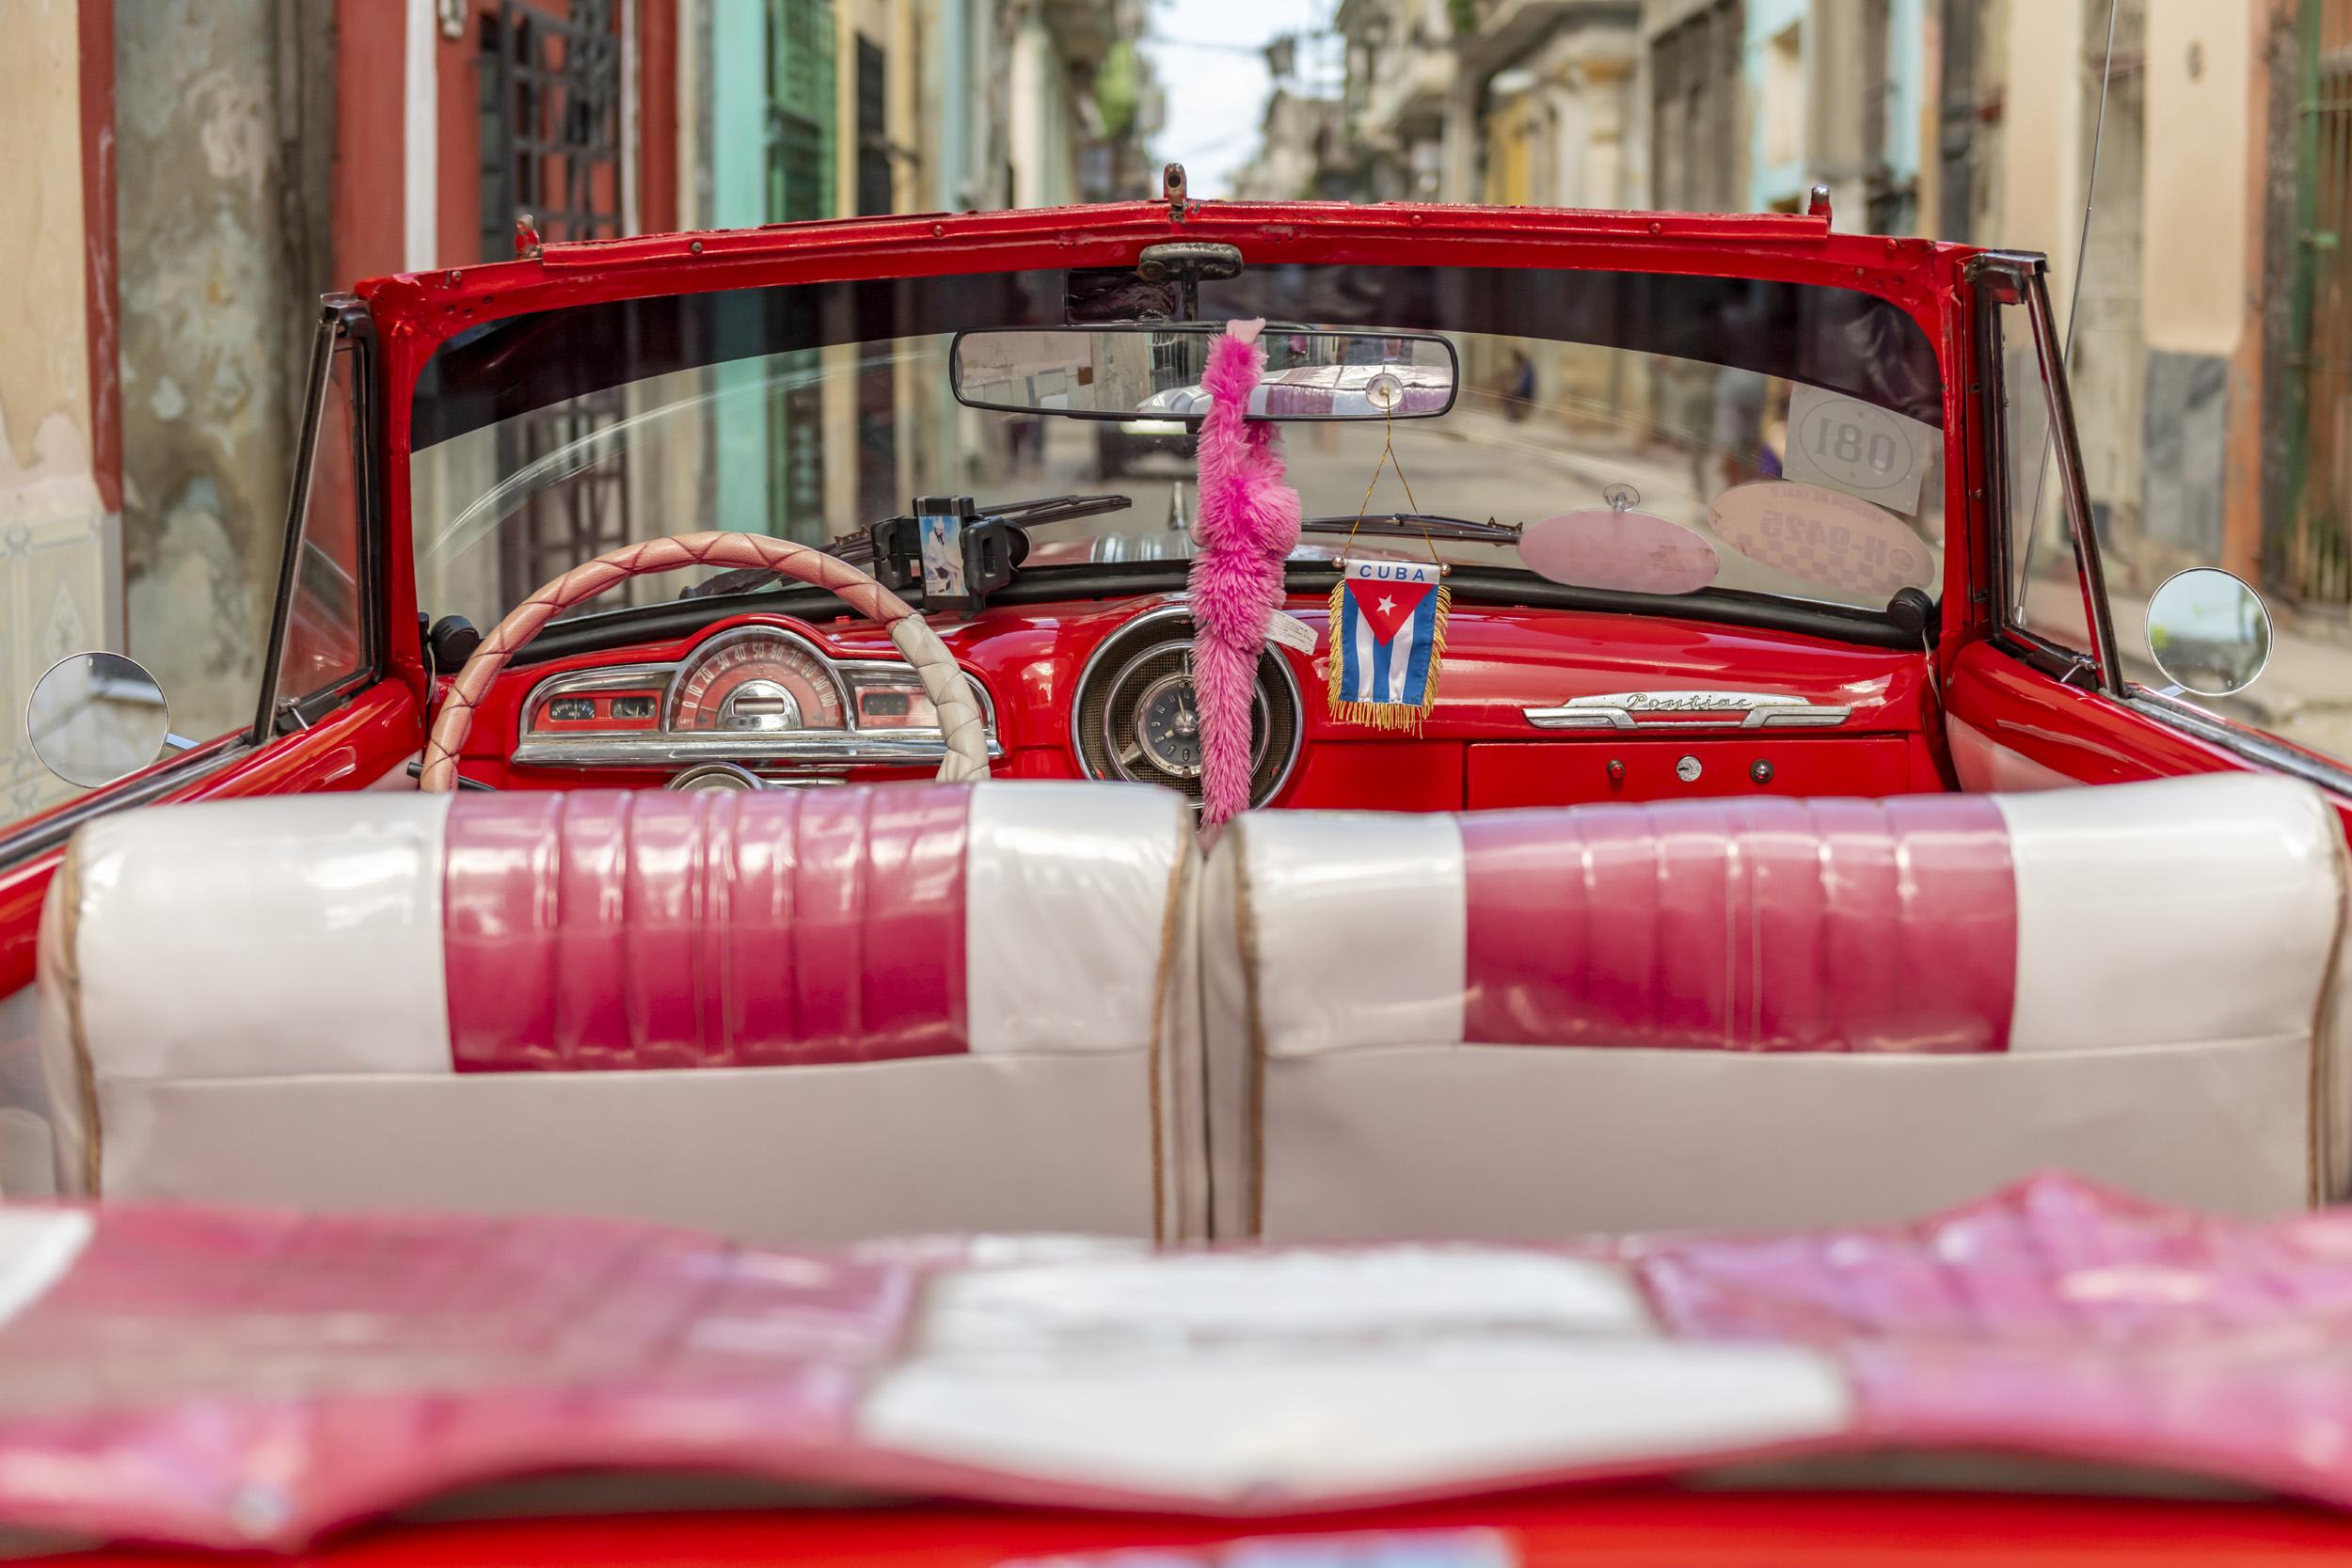 1950's Car - Havana, Cuba